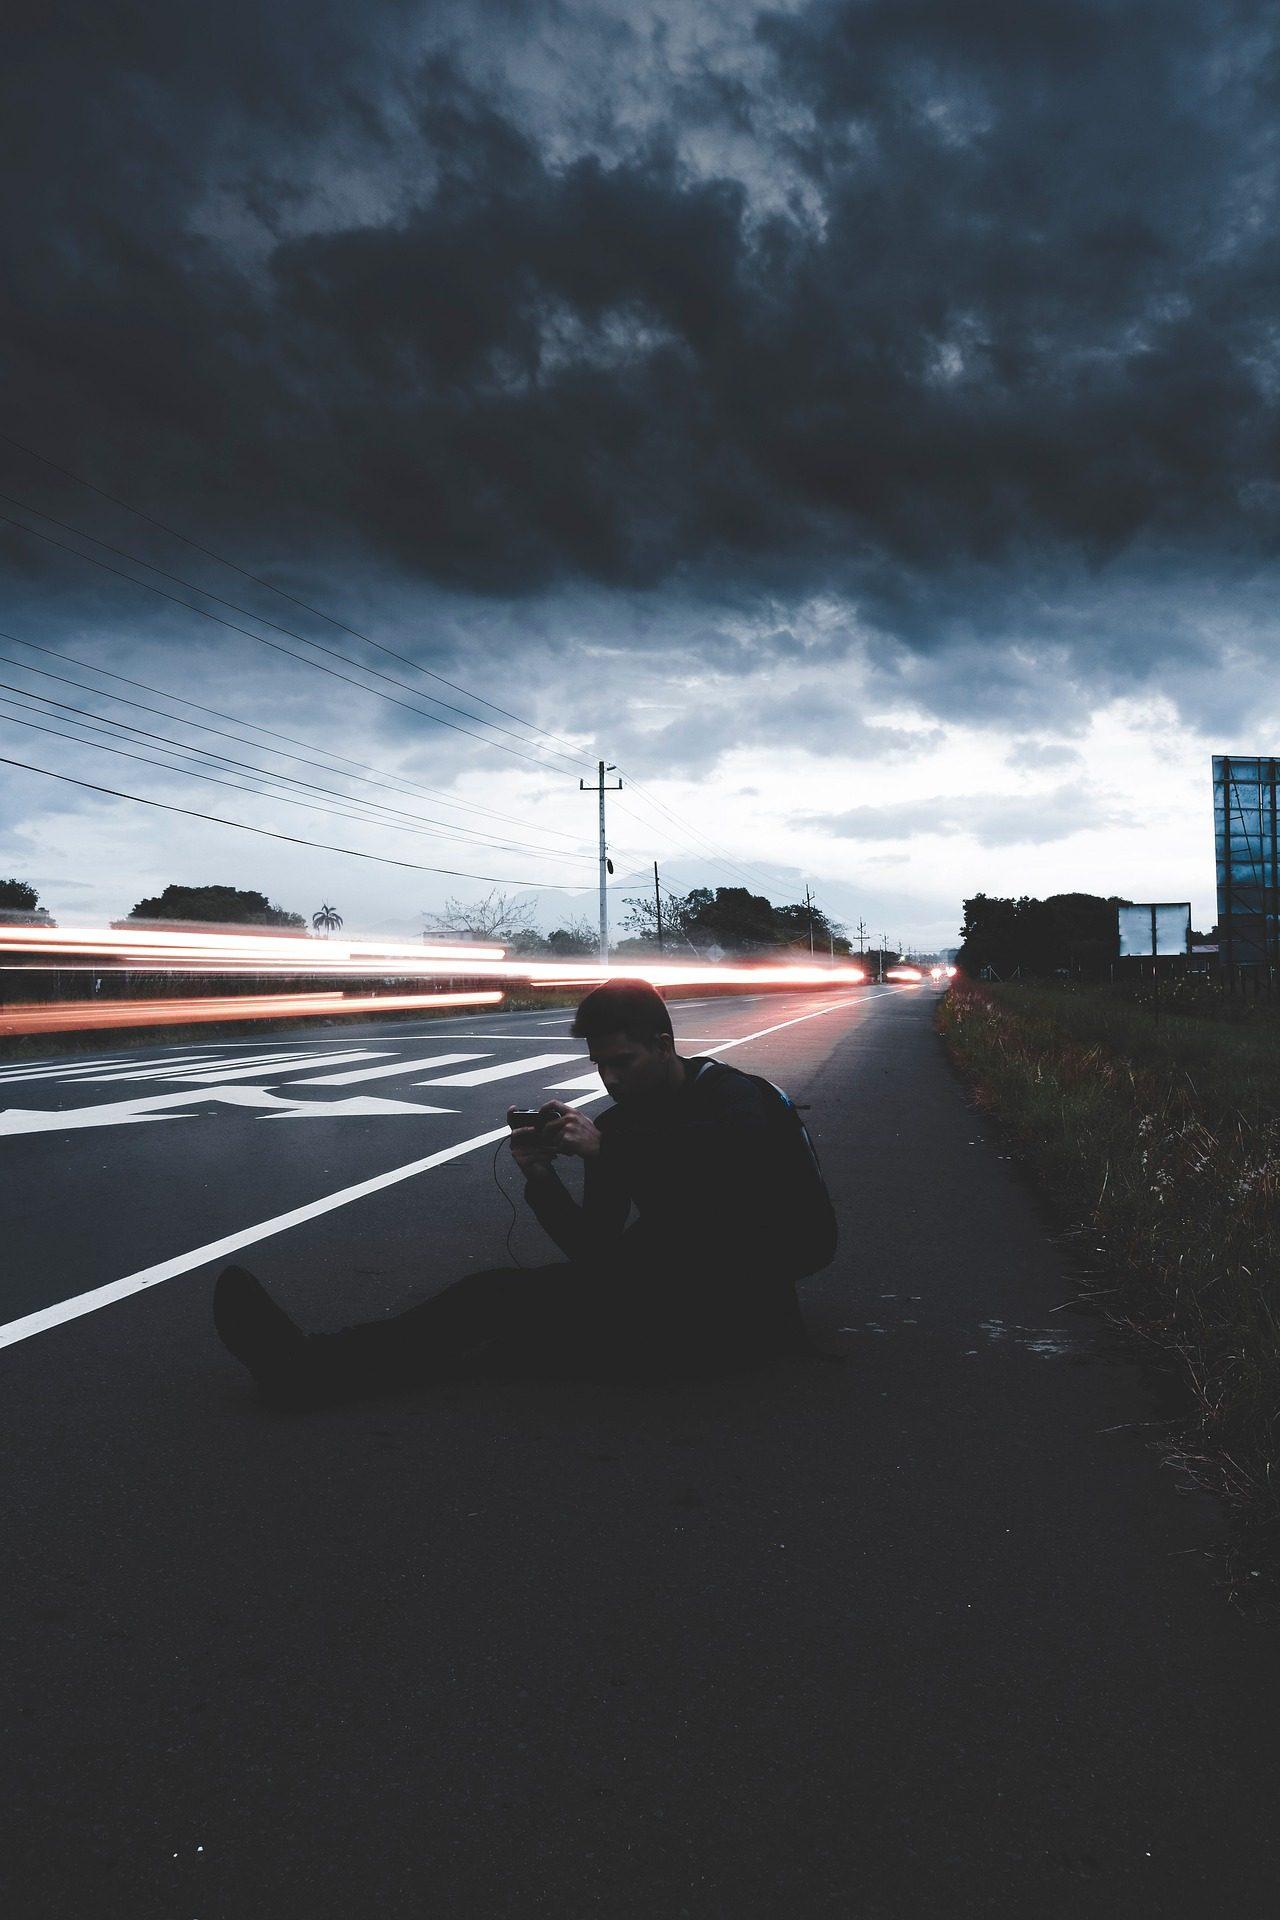 carretera, Route, lumières, homme, Silhouette - Fonds d'écran HD - Professor-falken.com